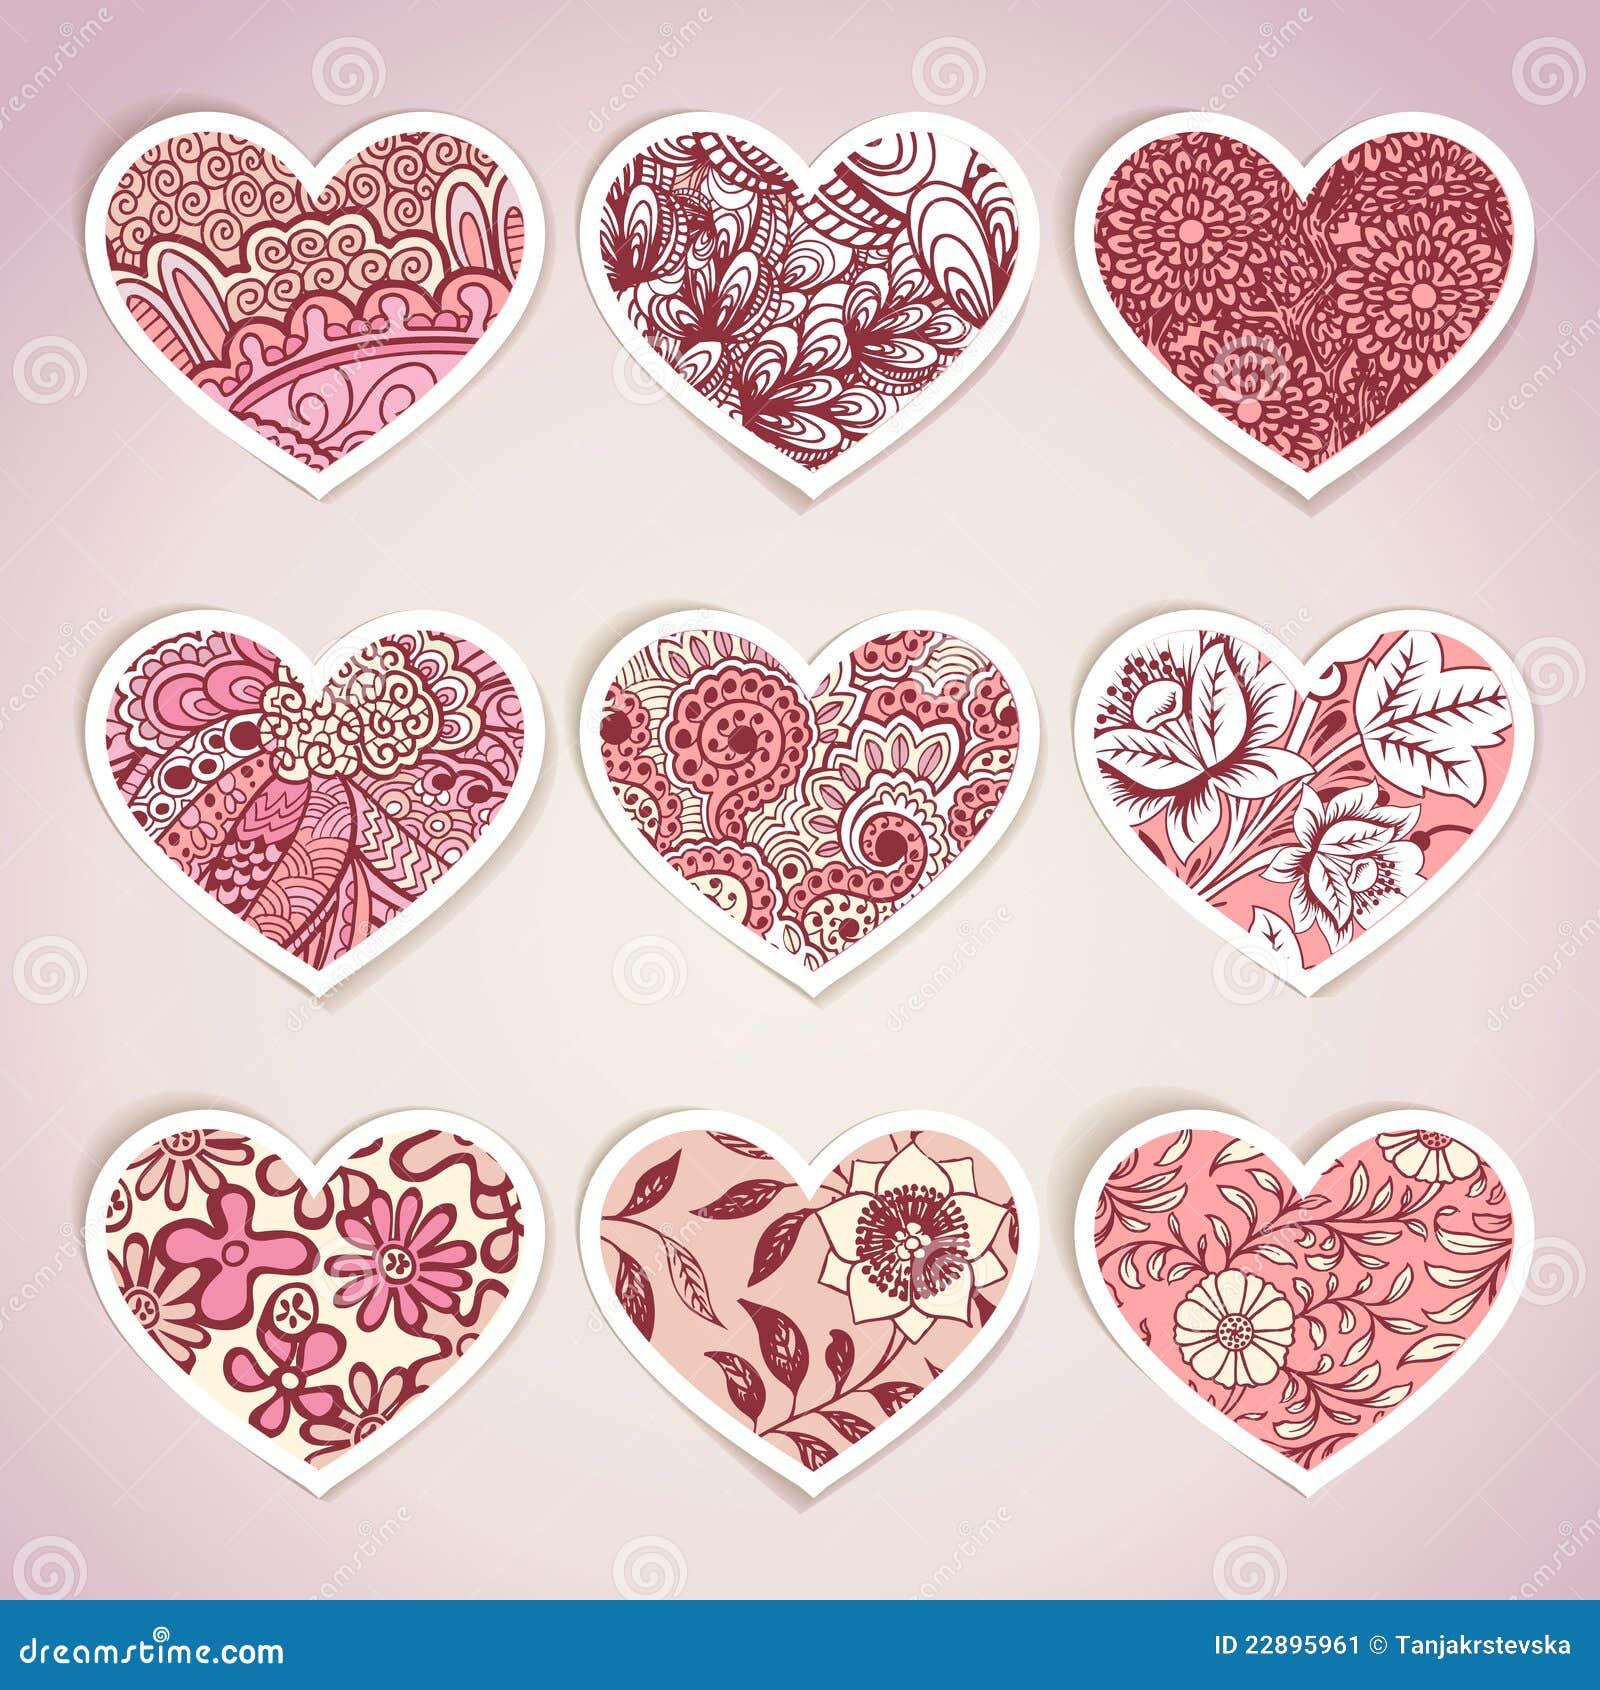 Excepcional Etiquetas De Corazón Humano Ilustración - Imágenes de ...